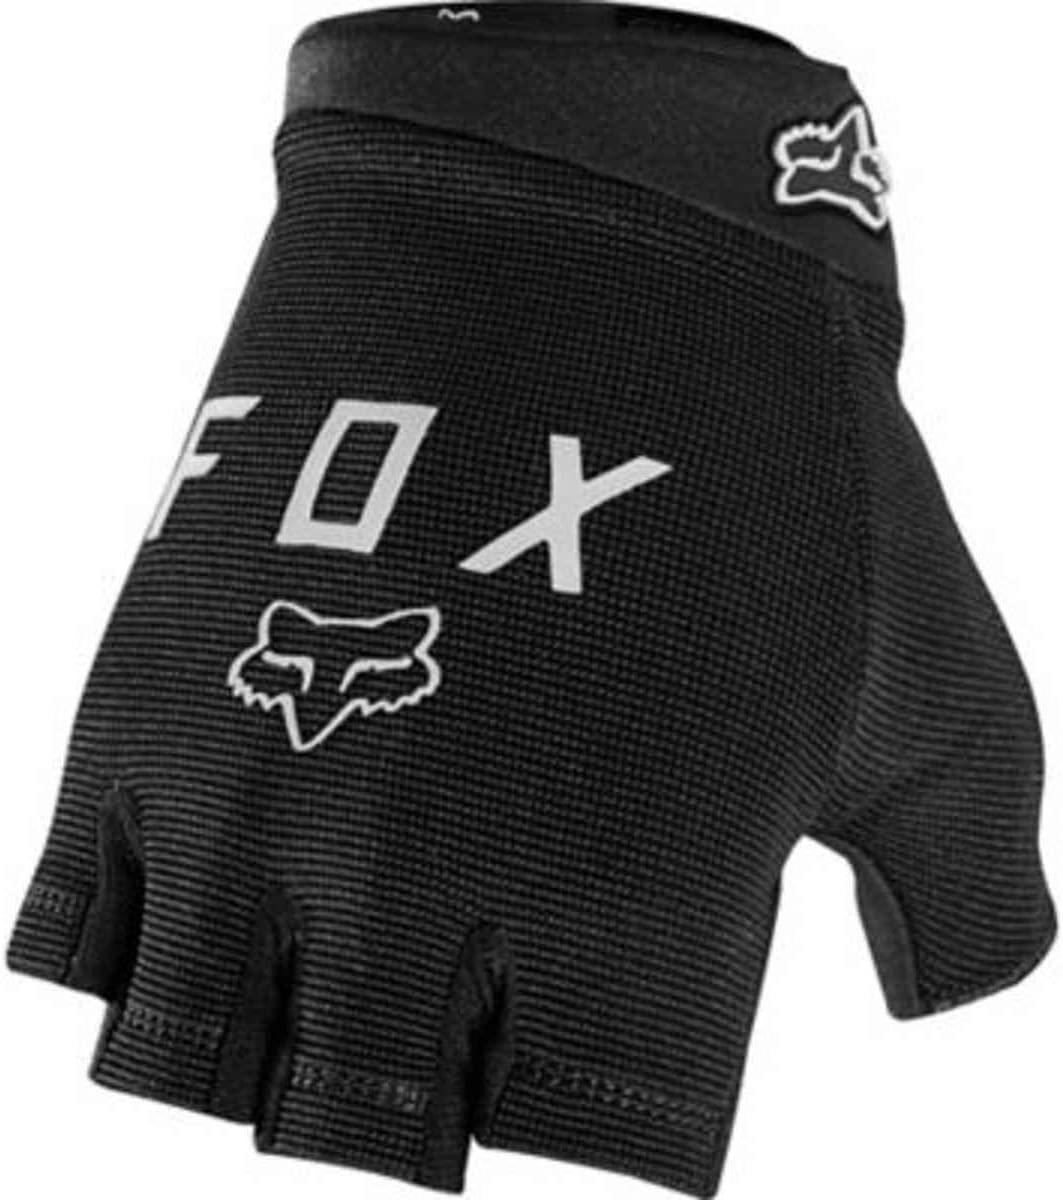 Fox Racing Ranger Gel Short Glove - Men's Black, XXL